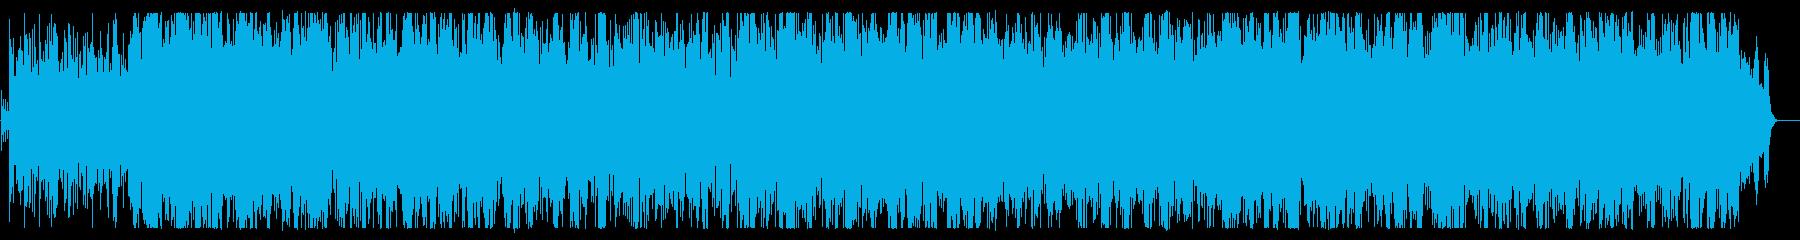 ファンタジーで明るいメロディーの再生済みの波形